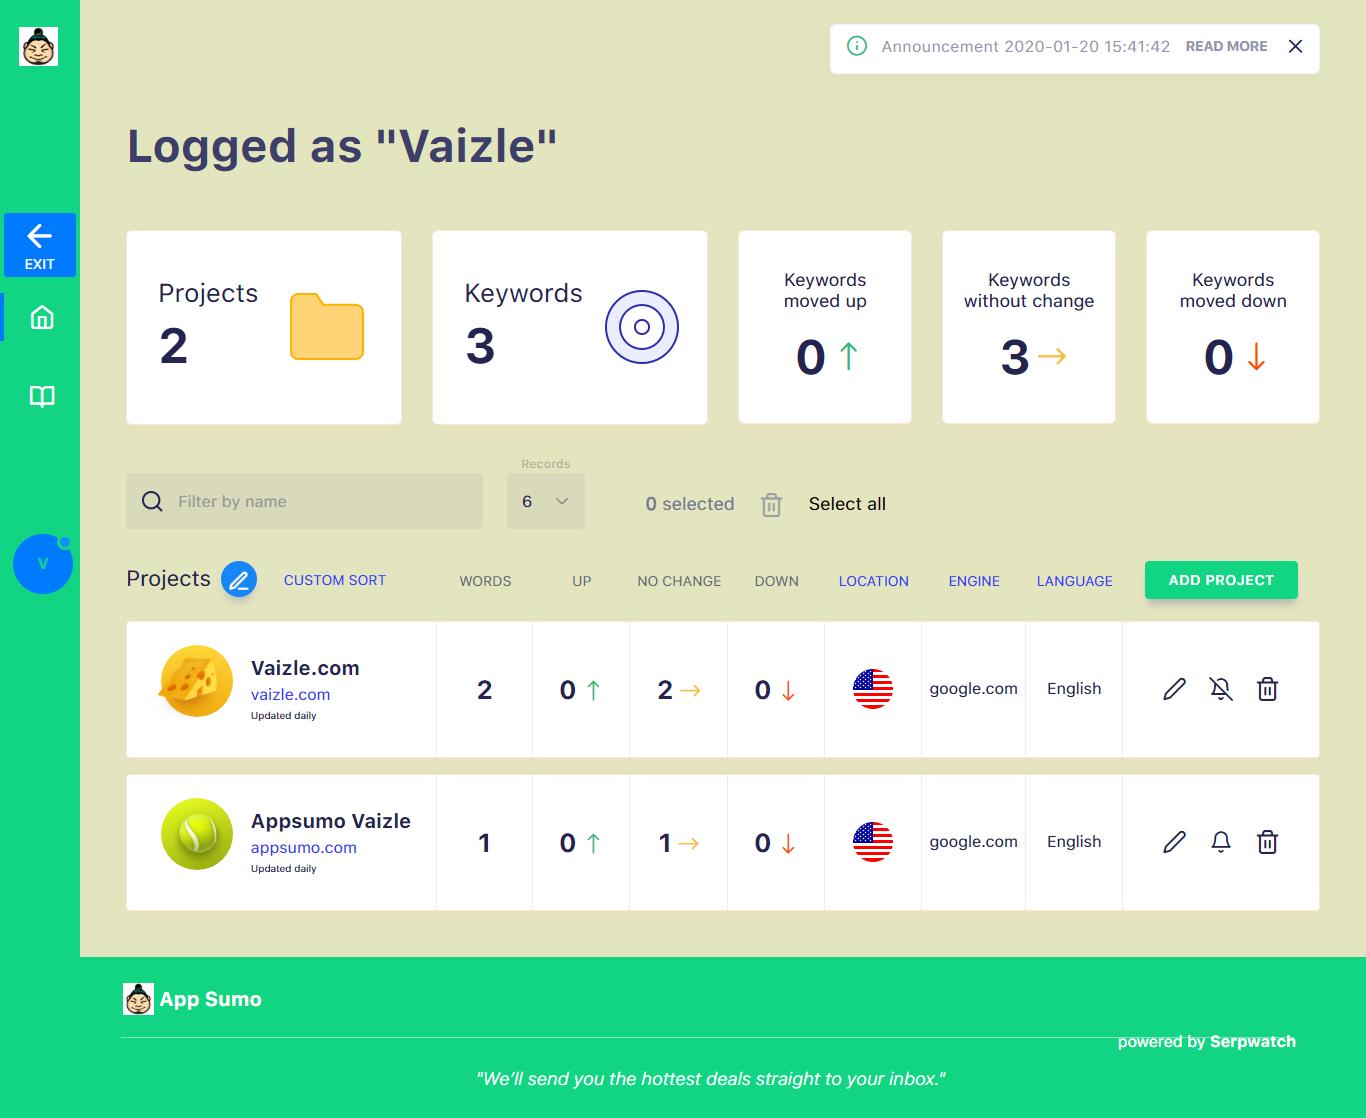 SerpWatch Client Portal